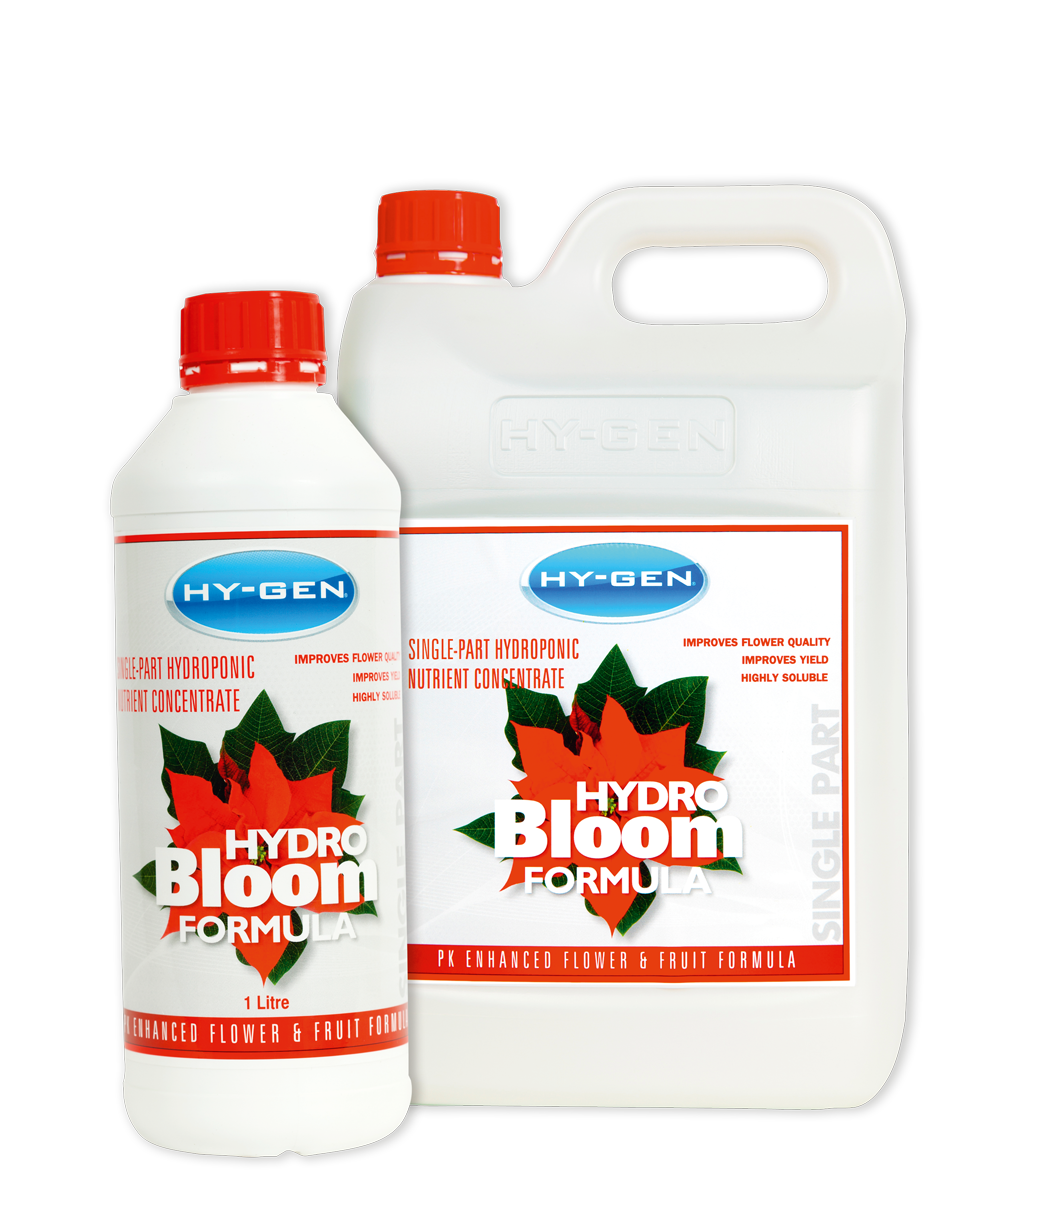 hy-gen-hydro-bloom-single-part-1l-5l-group-de